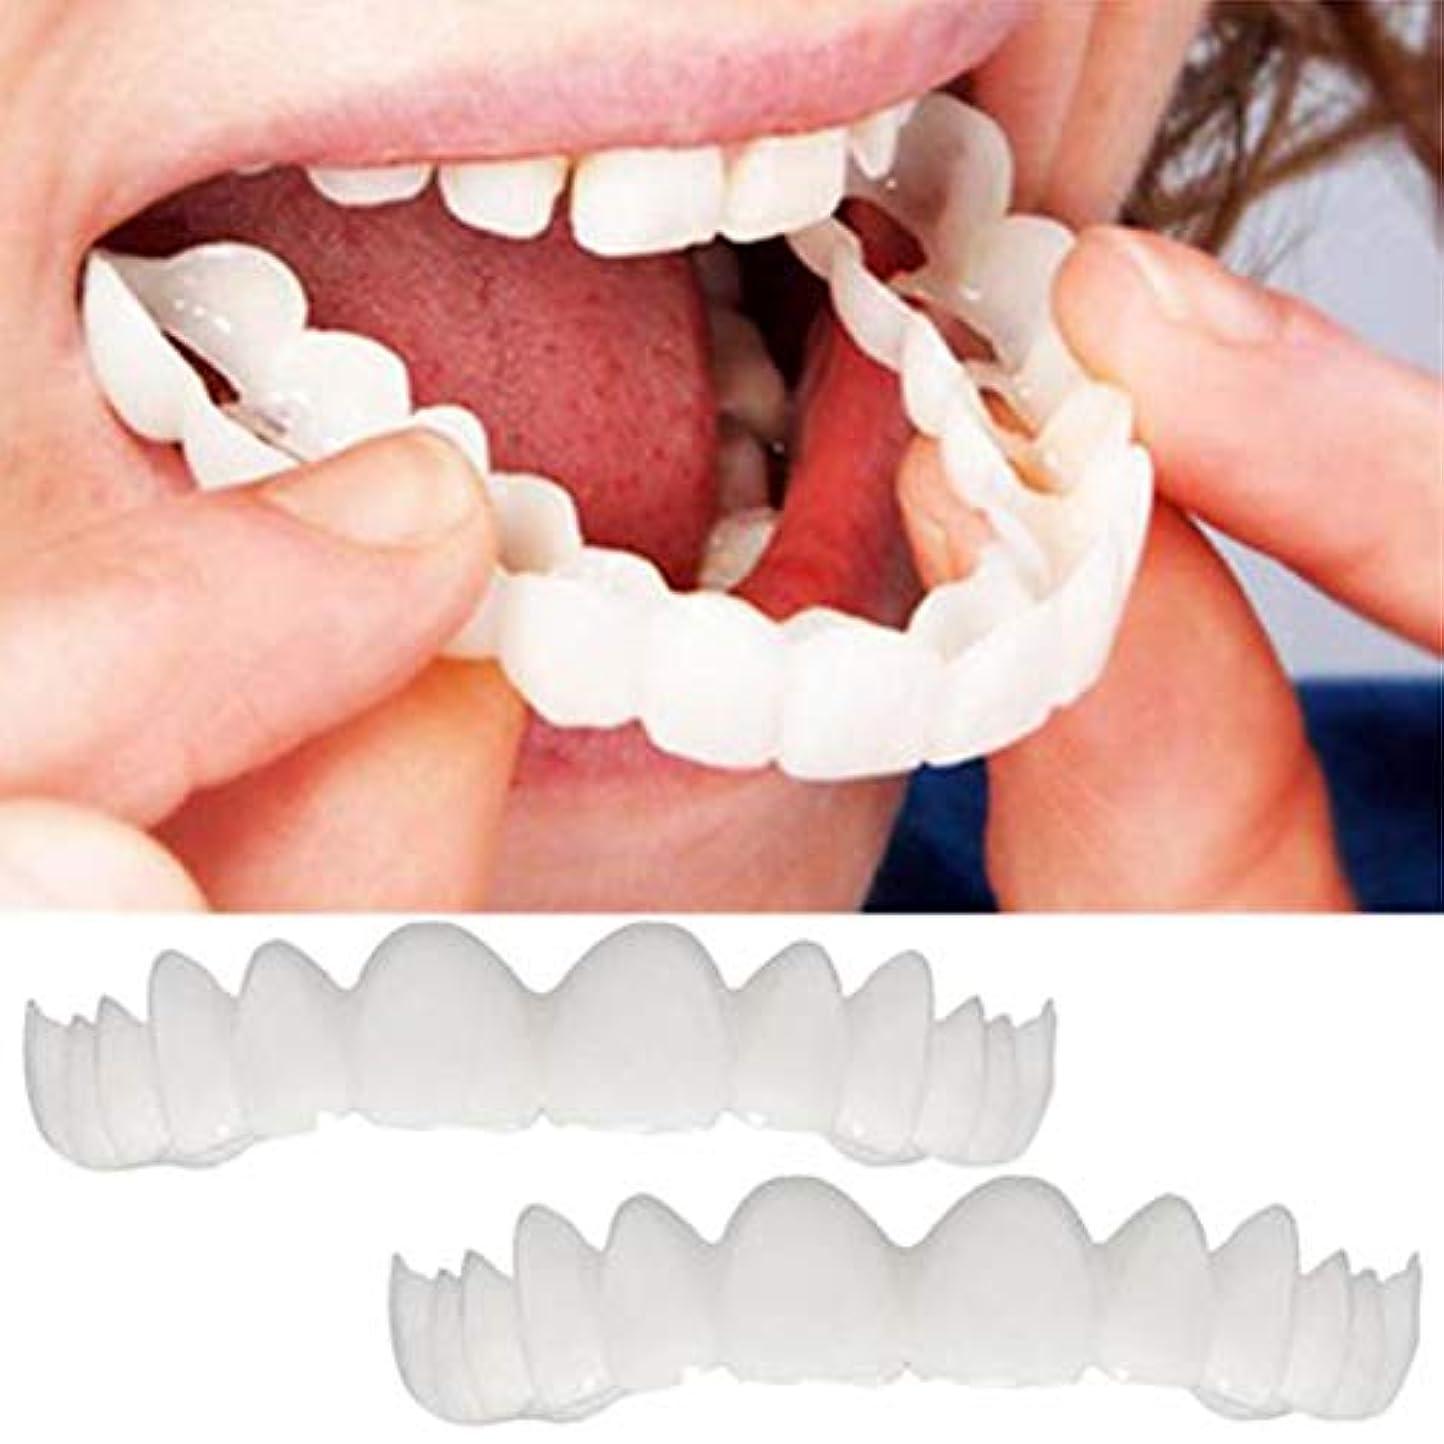 リースメニューカレンダー化粧品の歯、白い歯をきれいにするための快適なフィットフレックス歯のソケット、超快適、快適なフィット感、2セット